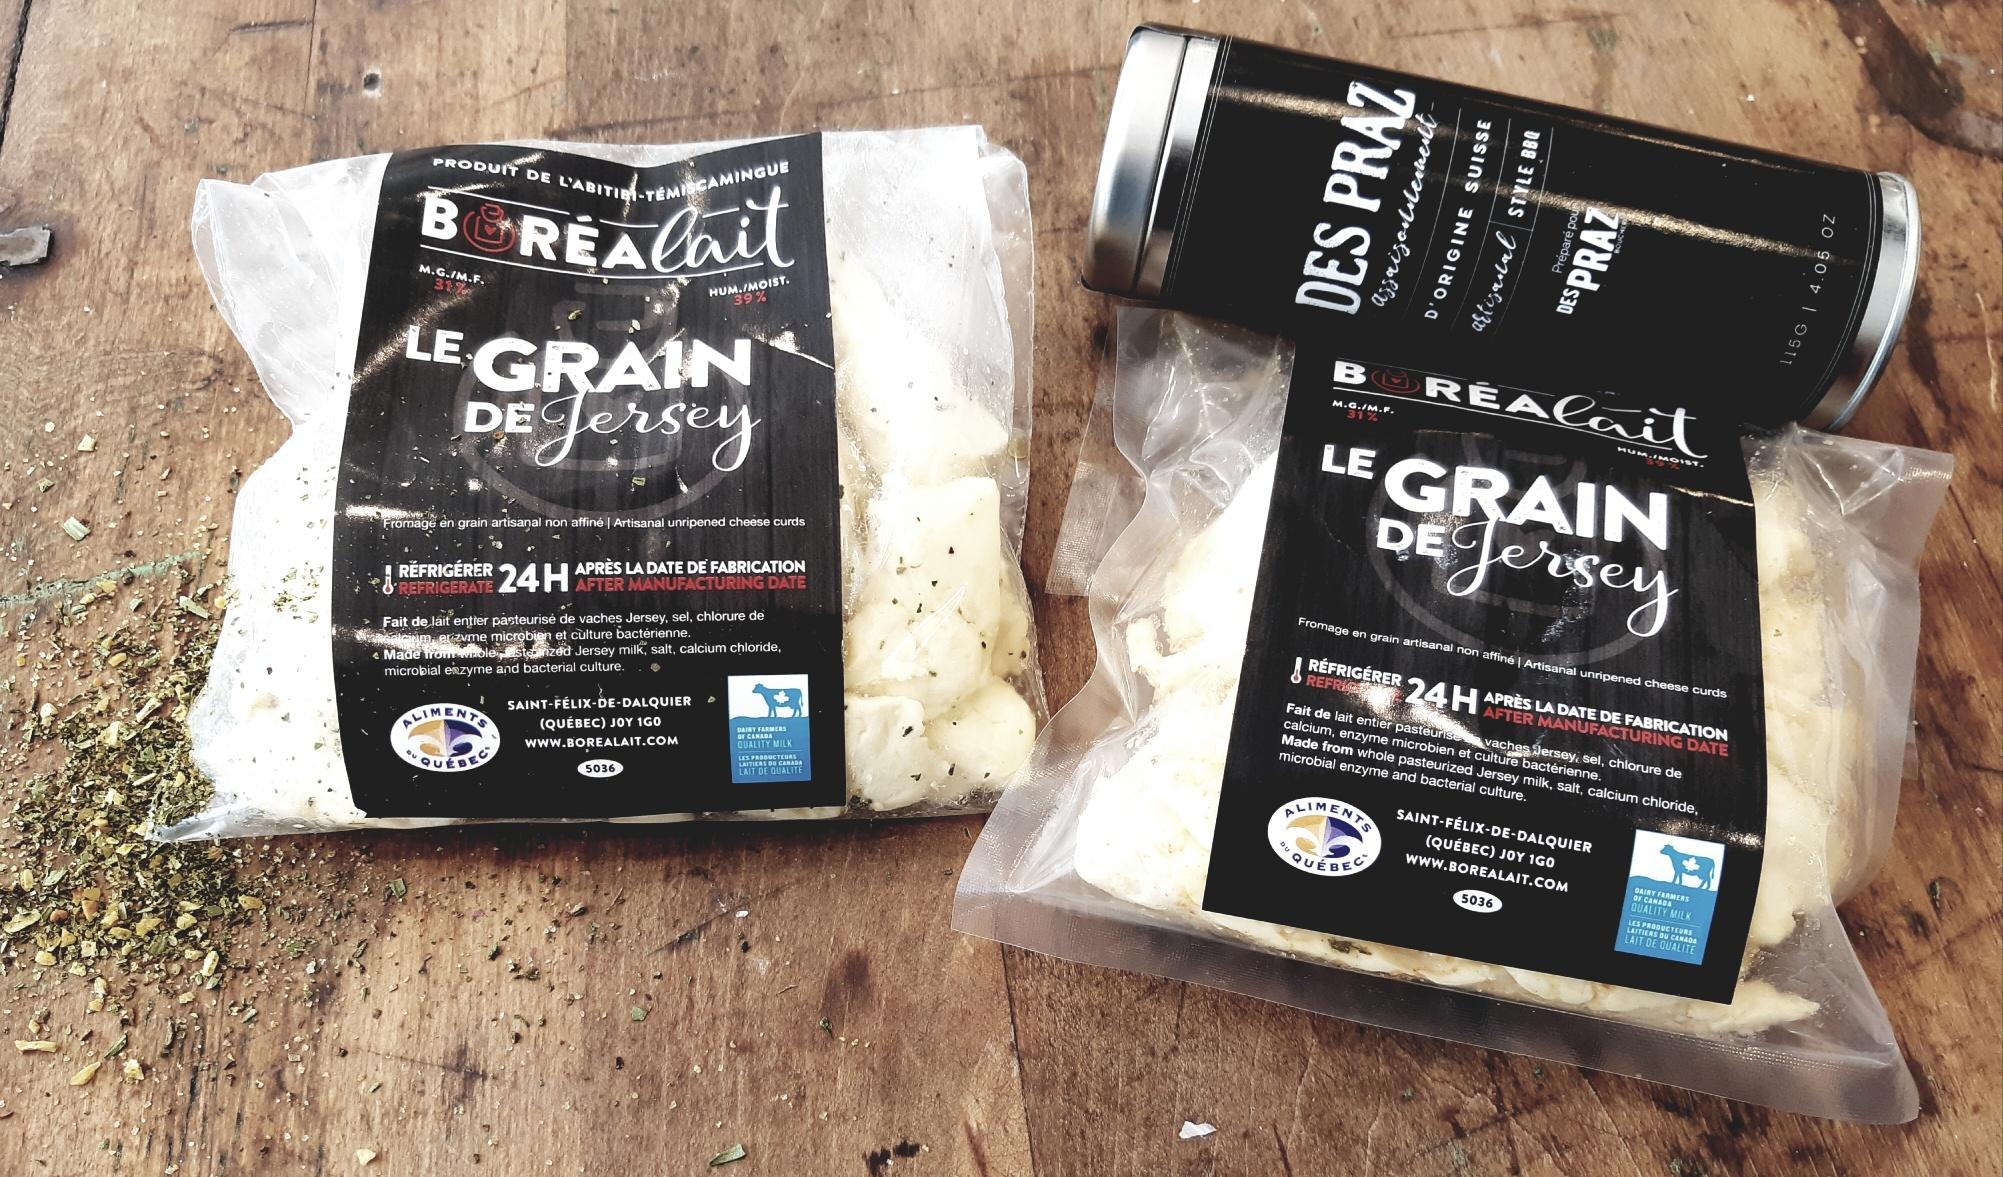 Boréalait fromage grains